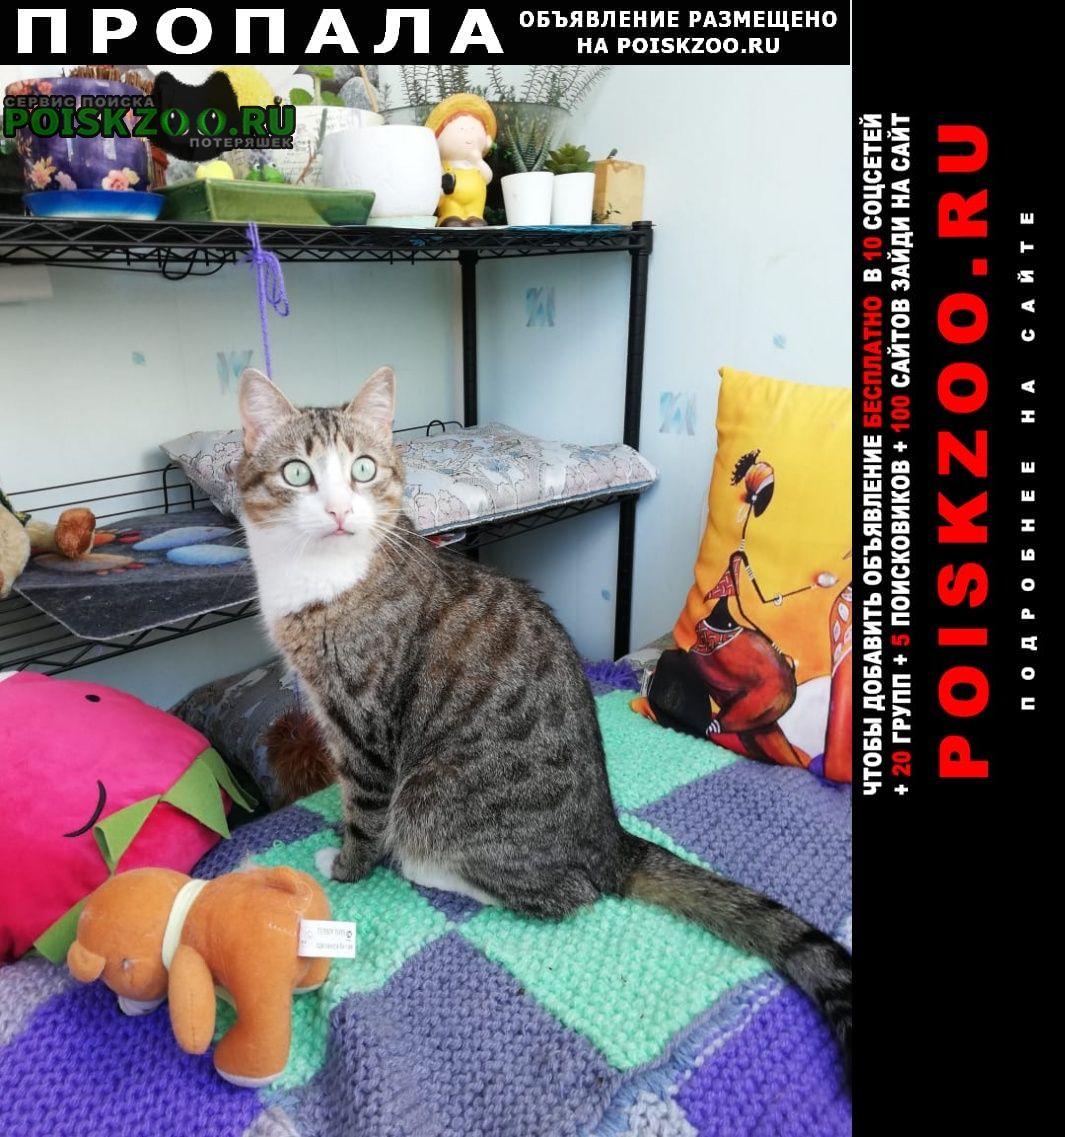 Пропал кот на киселевке Смоленск